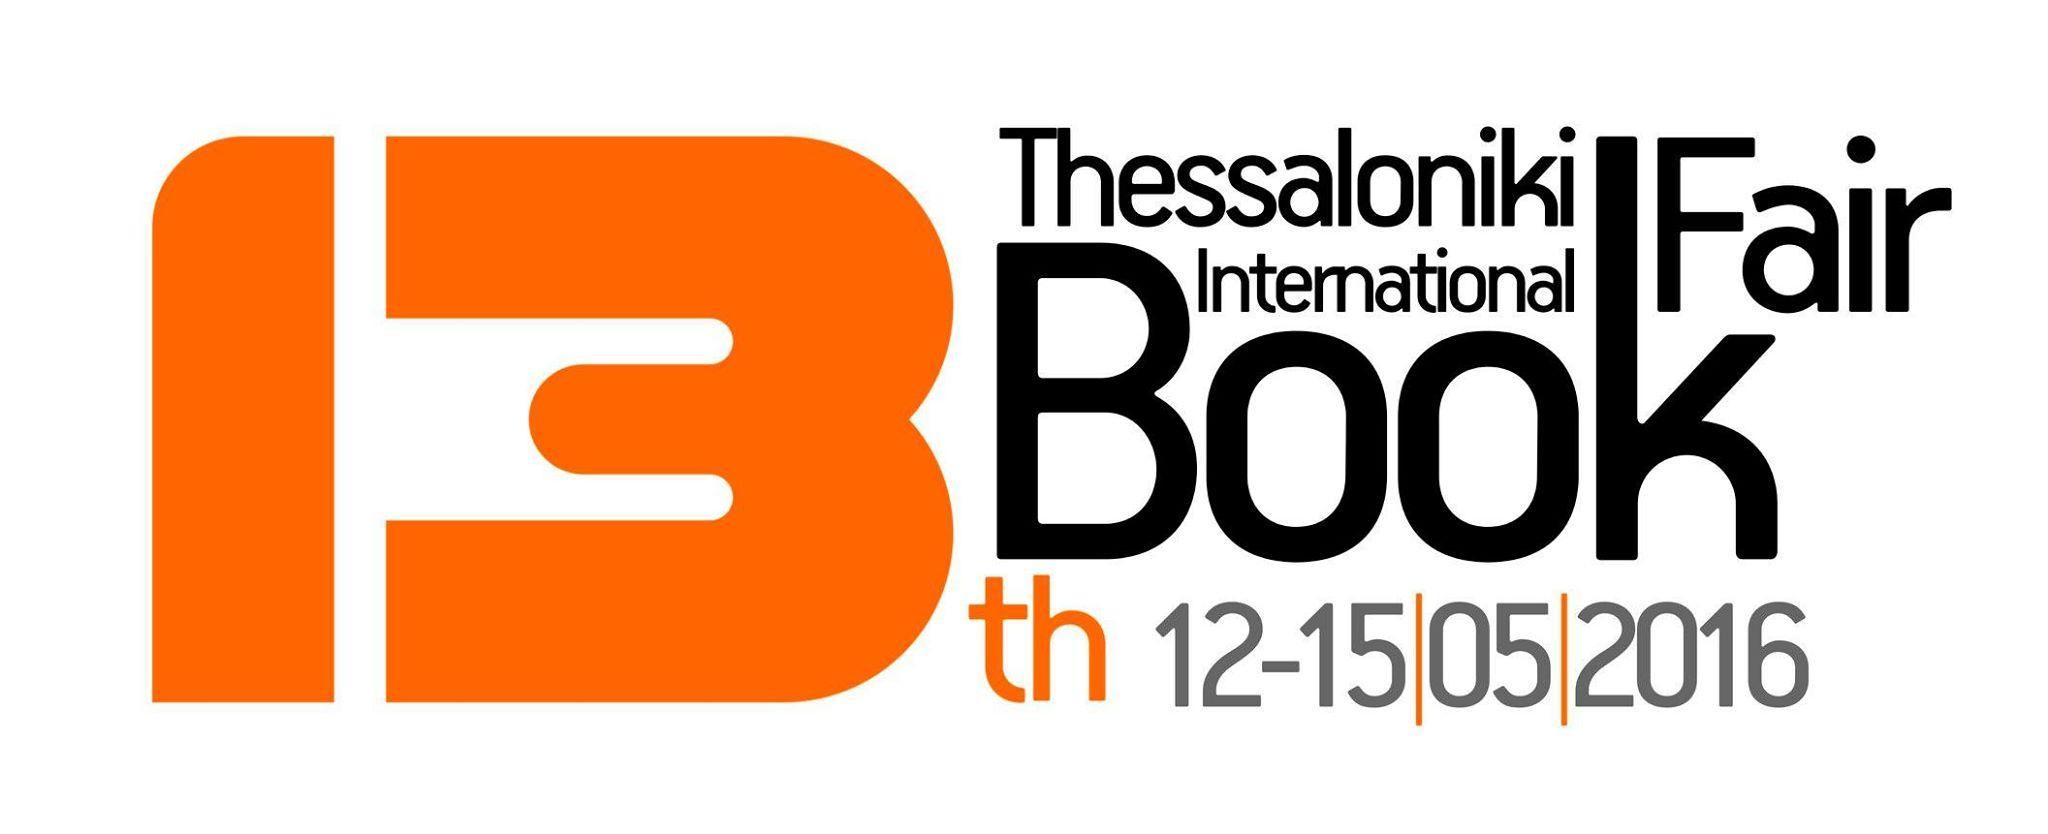 international book fair thessaloniki